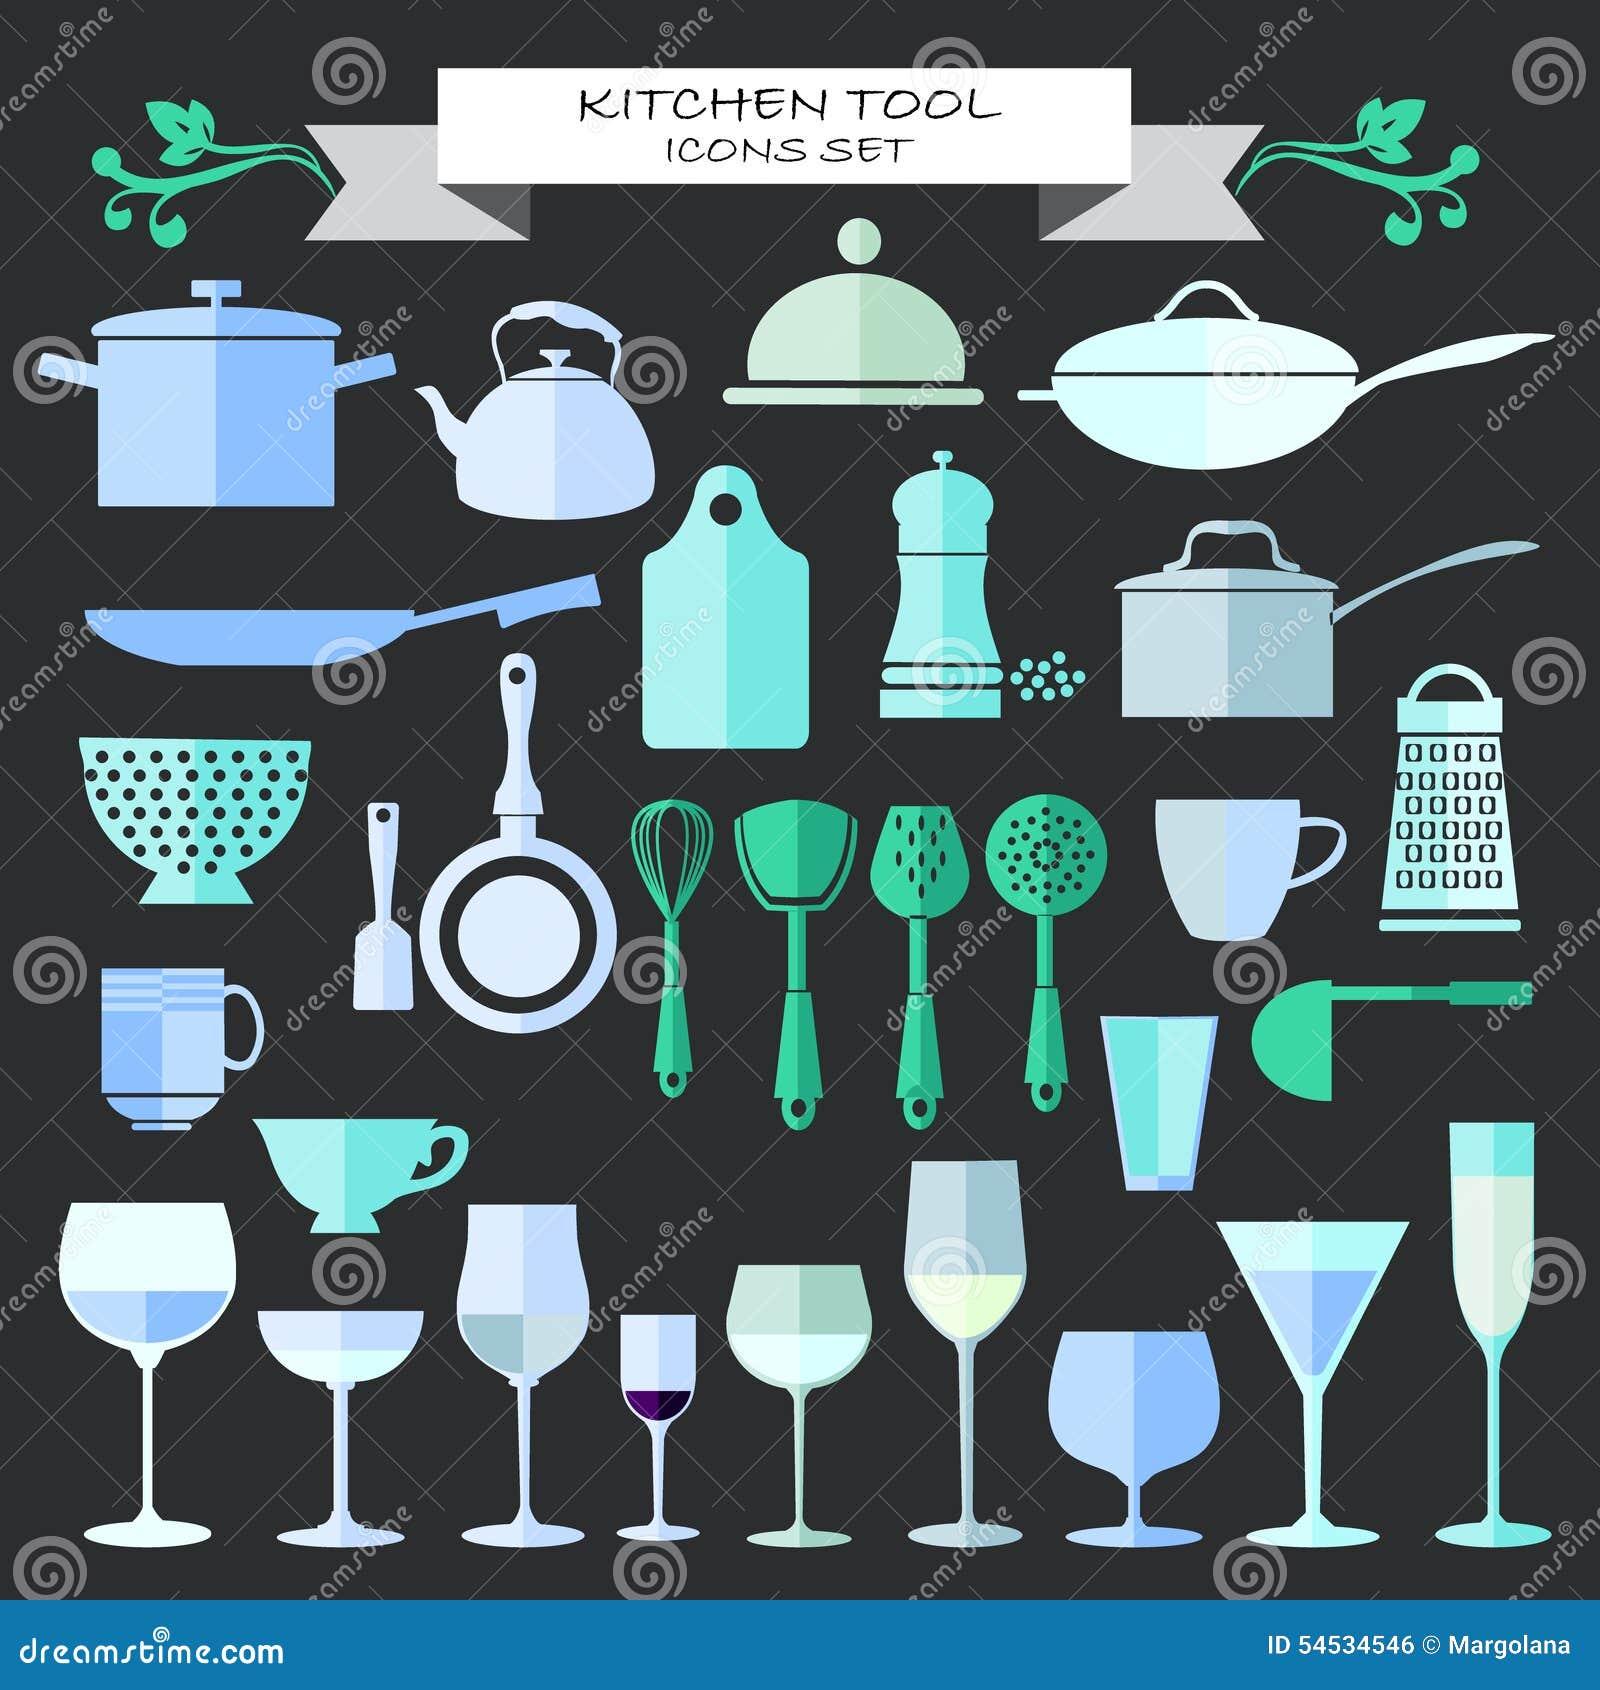 Art culos de cocina y restaurante iconos de la for Remates articulos de cocina